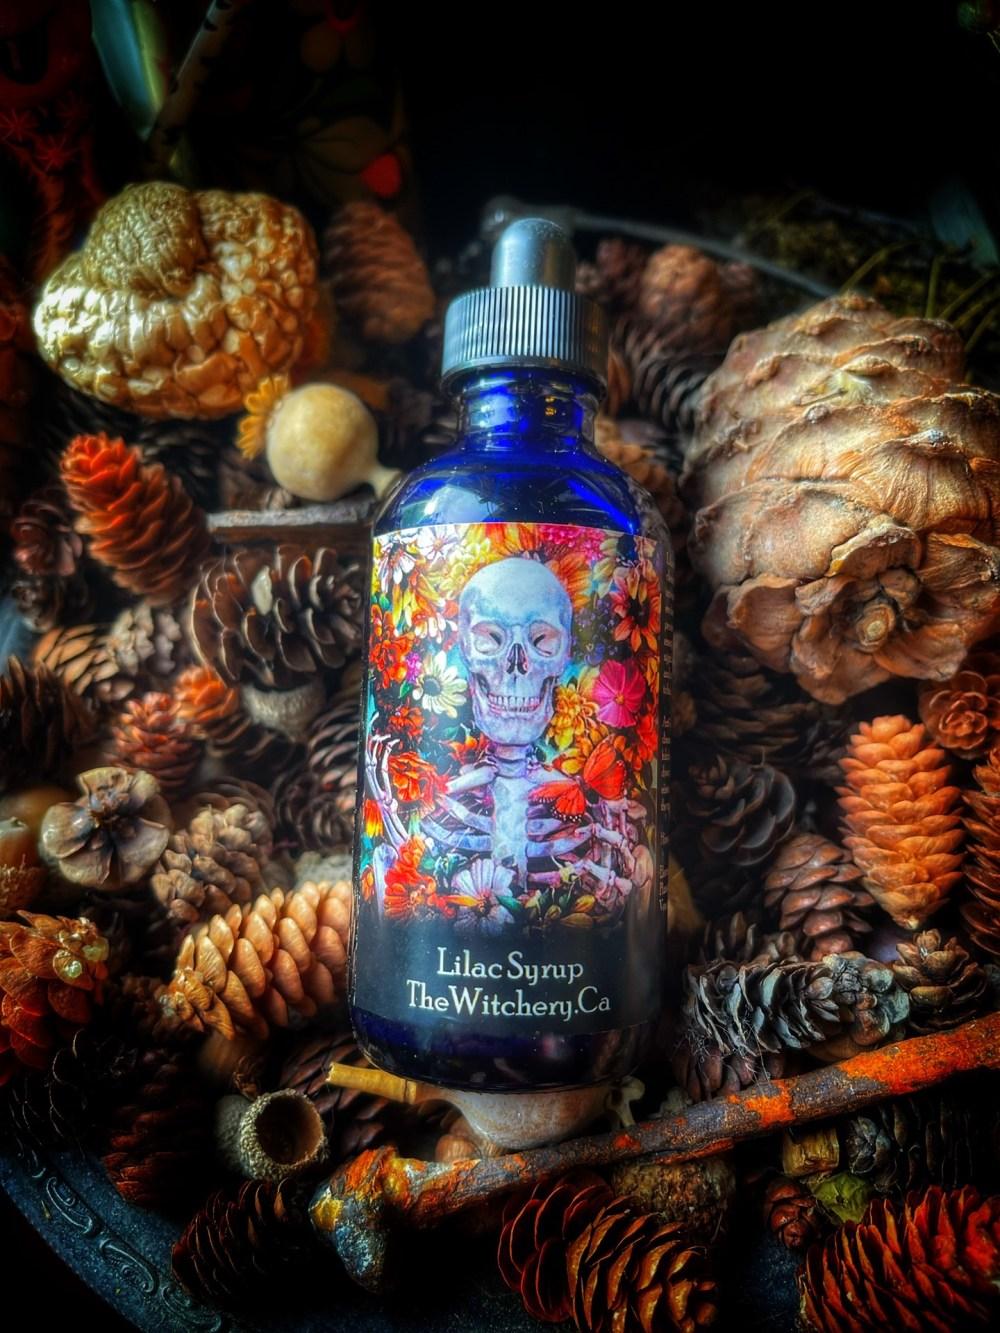 Lilac Syrup Elixir